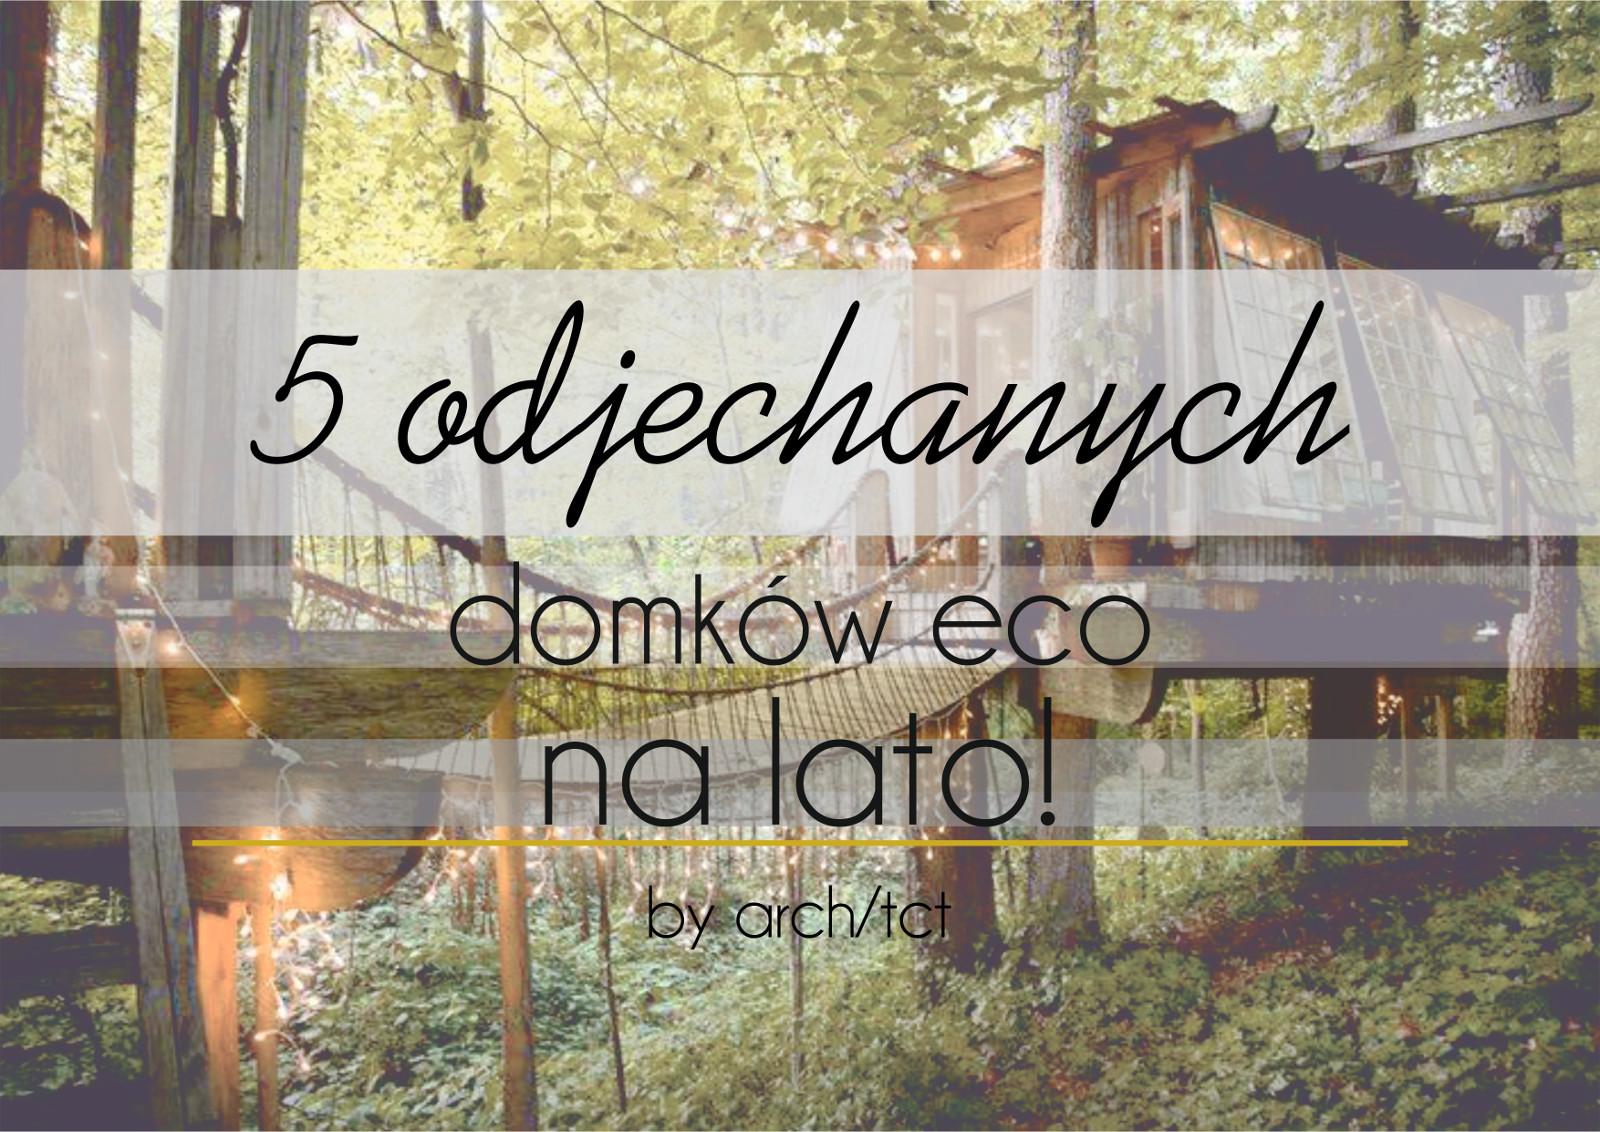 5 odjechanych domków